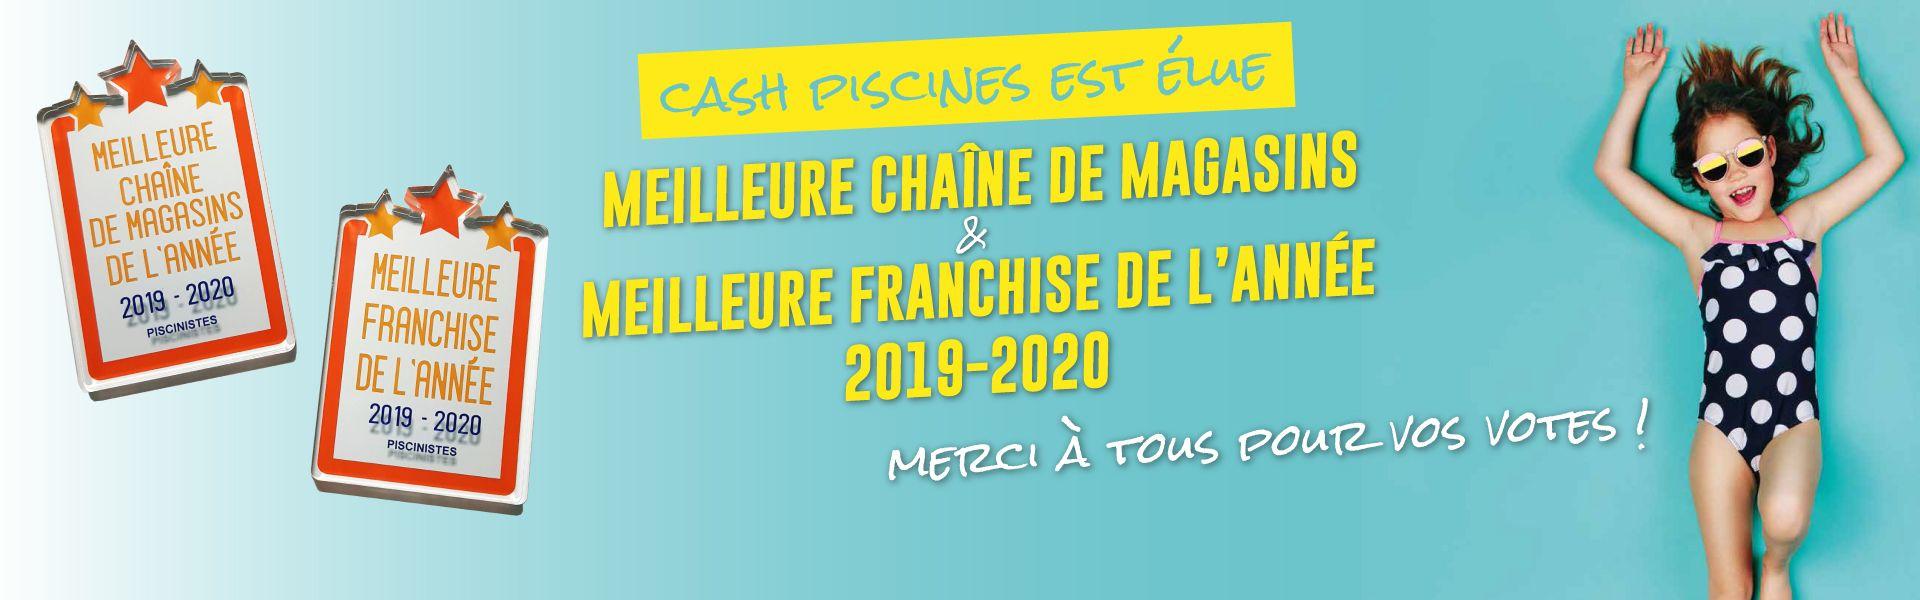 Cash Piscines - Tout Pour La Piscine & Spas Gonflables ... tout Cash Piscine Brive